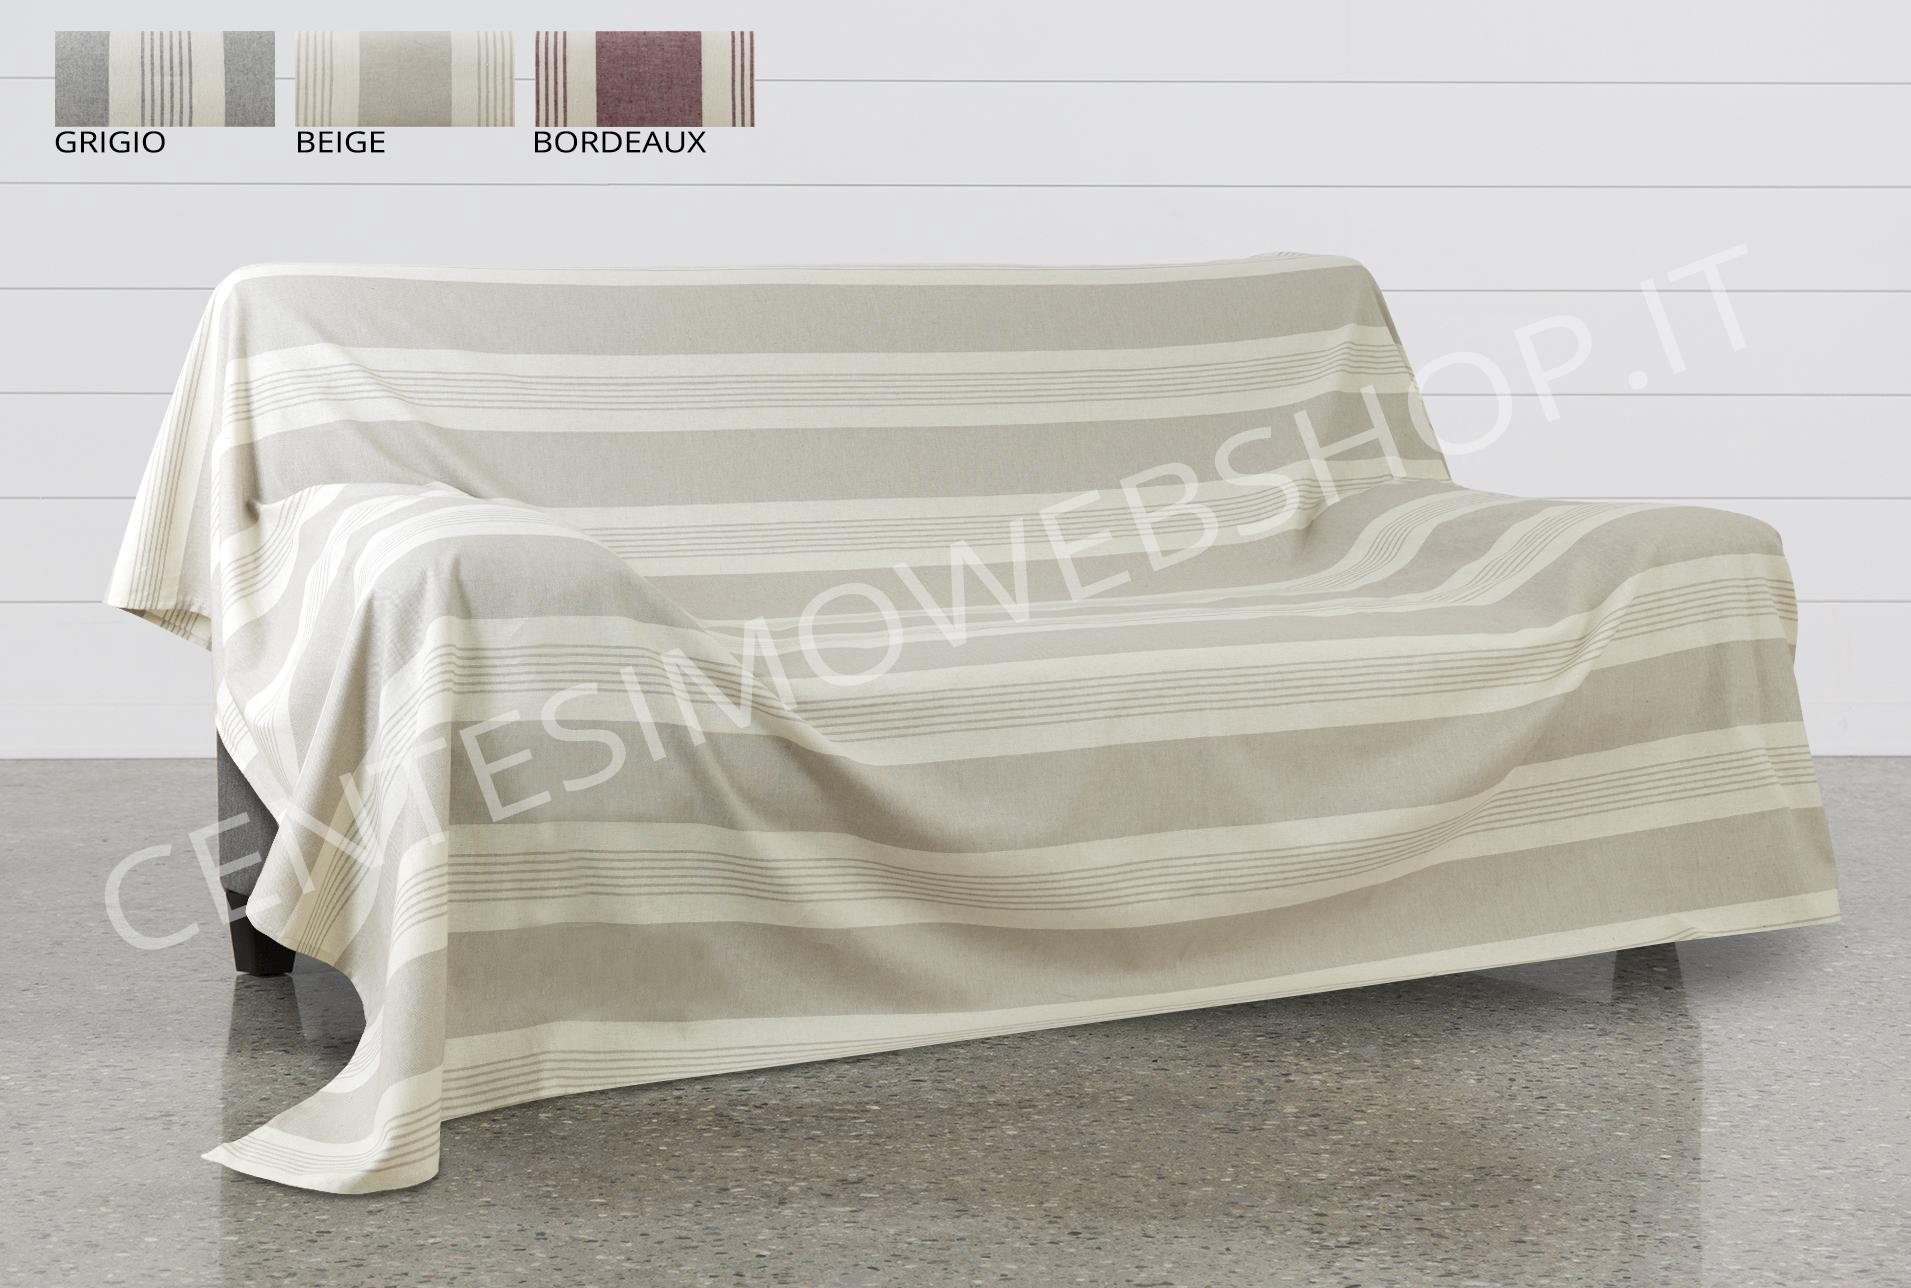 Telo arredo copritutto jacquard multiuso gran foulard copridivano righe rigato ebay - Gran foulard divano ...